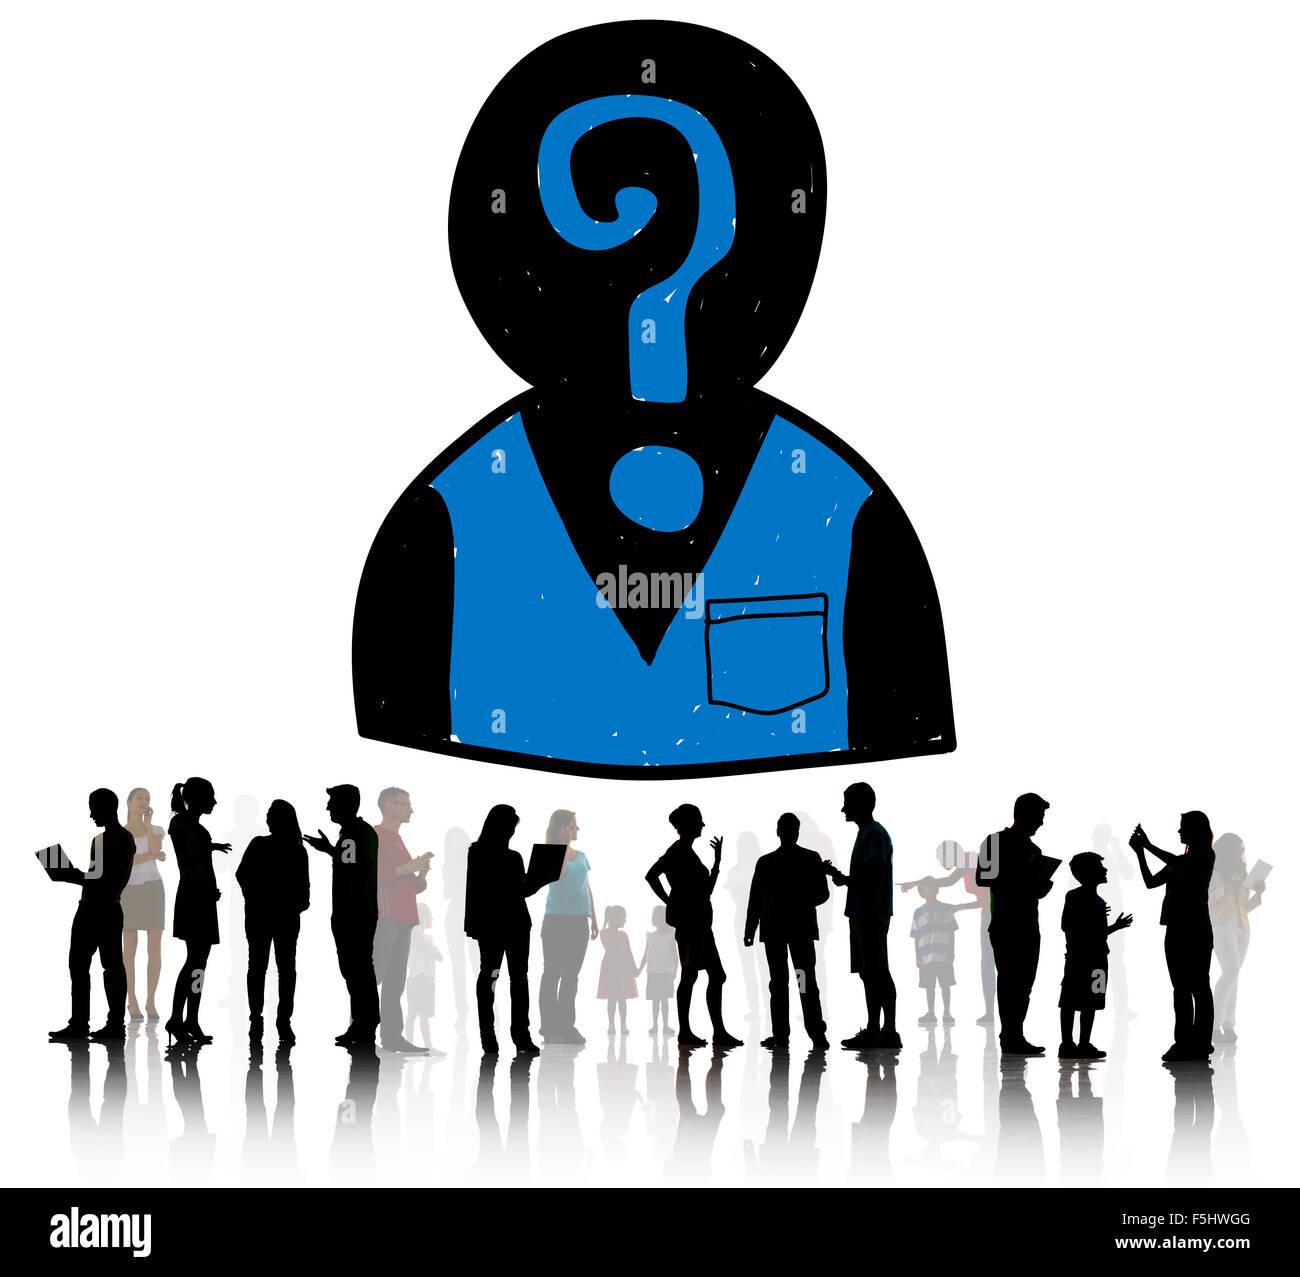 assessment employment recruitment hiring searching concept stock assessment employment recruitment hiring searching concept